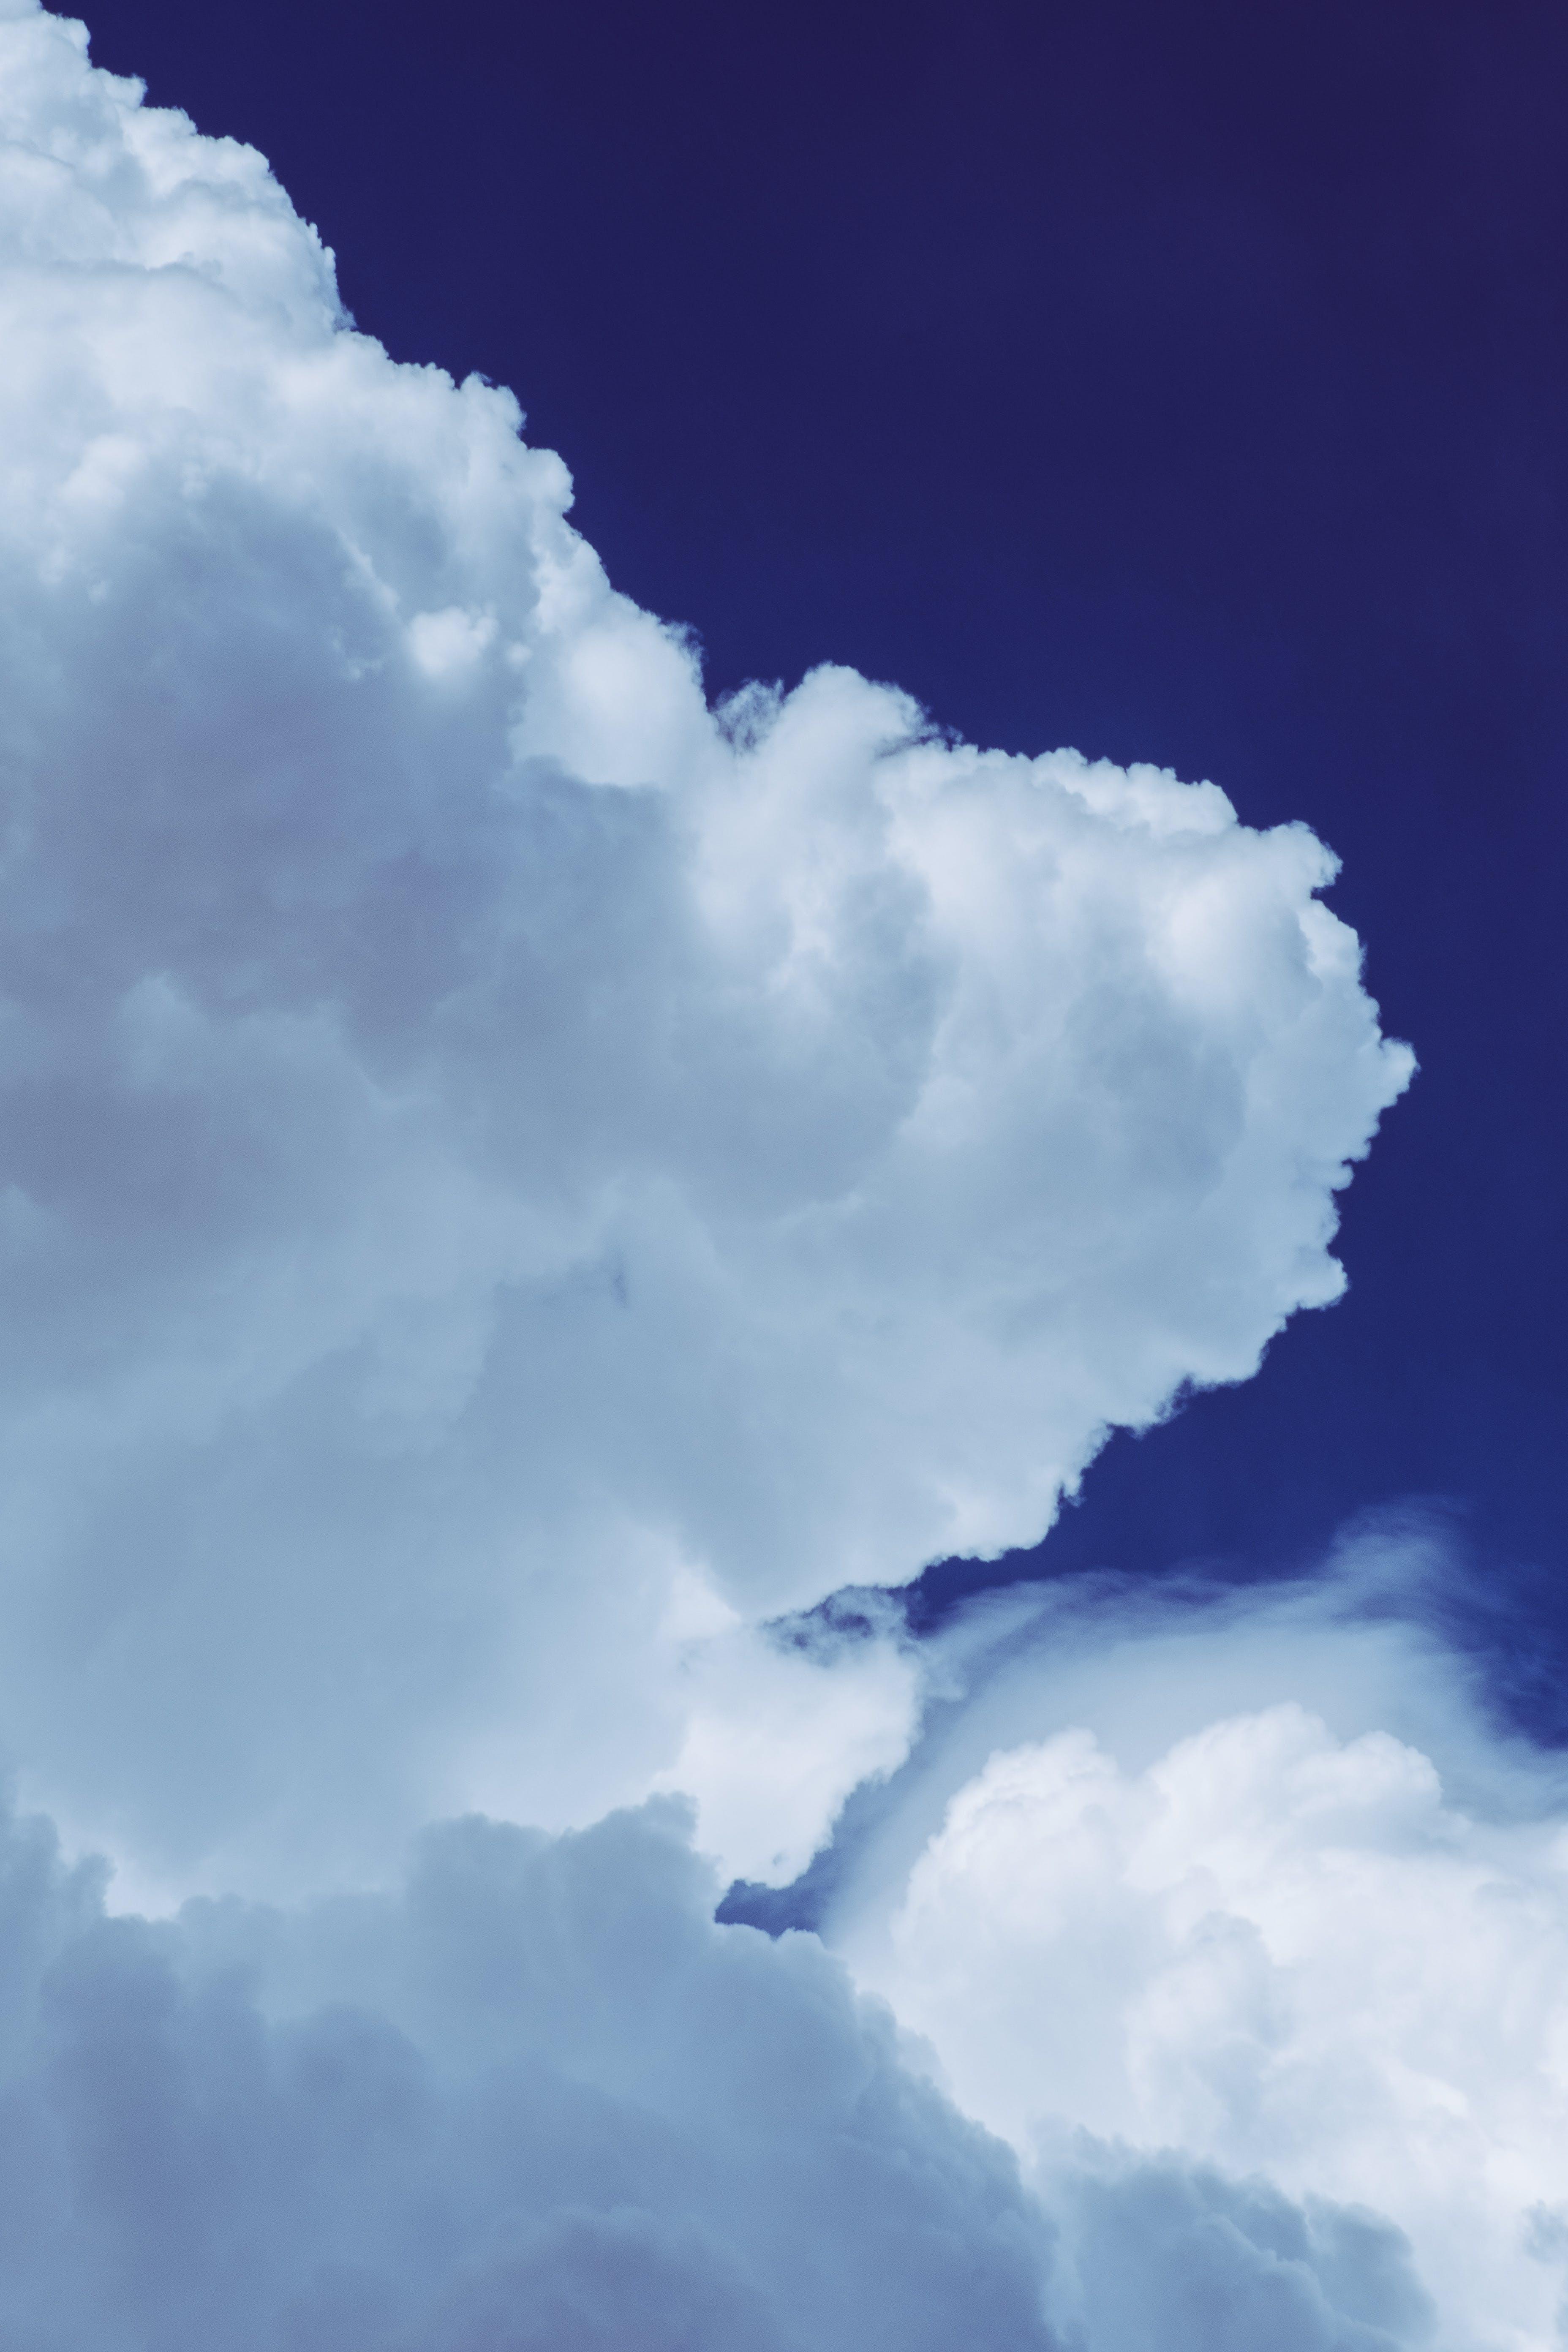 光, 多雲的, 日光, 明亮 的 免费素材照片